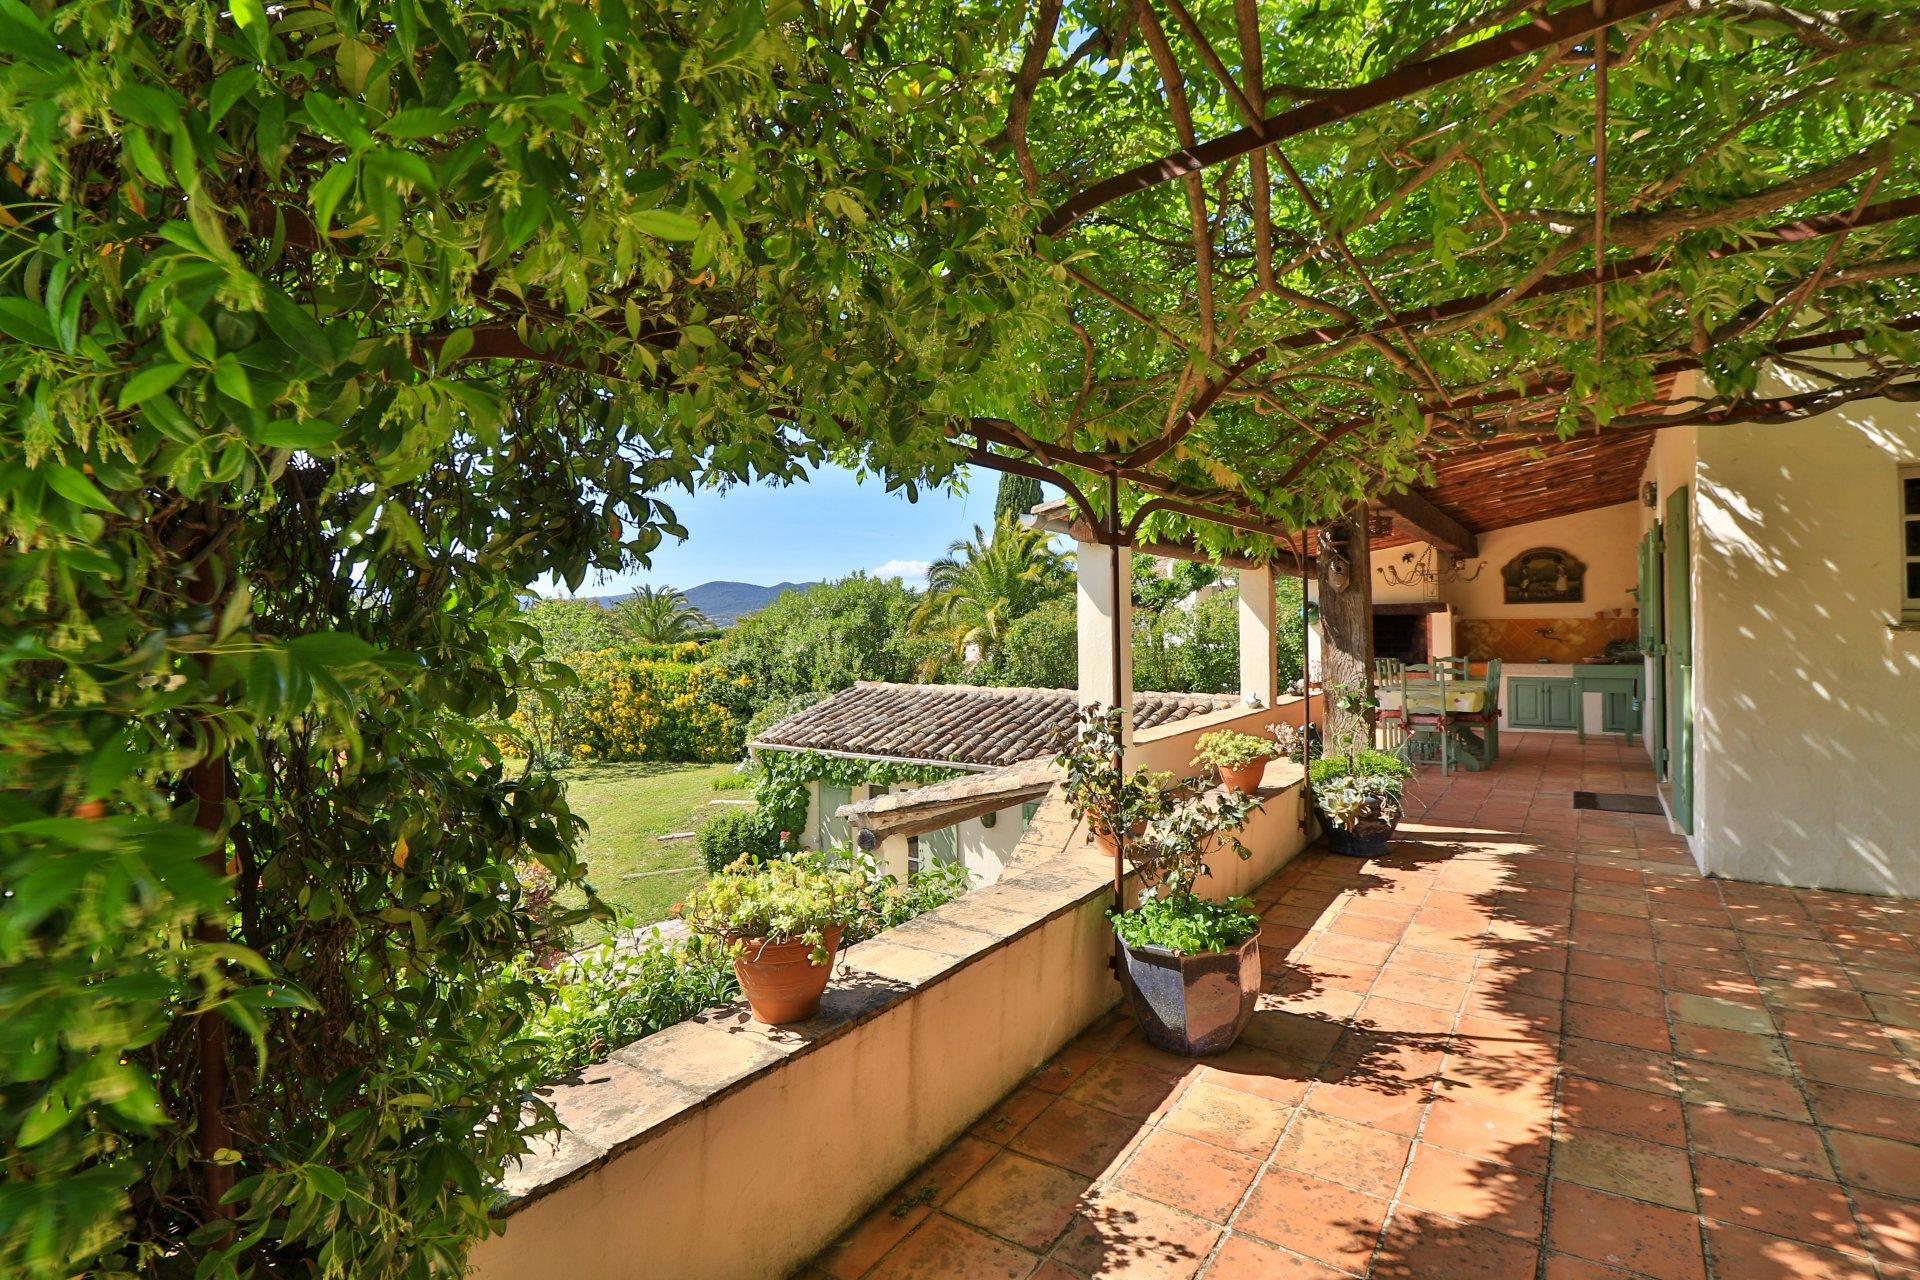 Nice provençal house ideally located